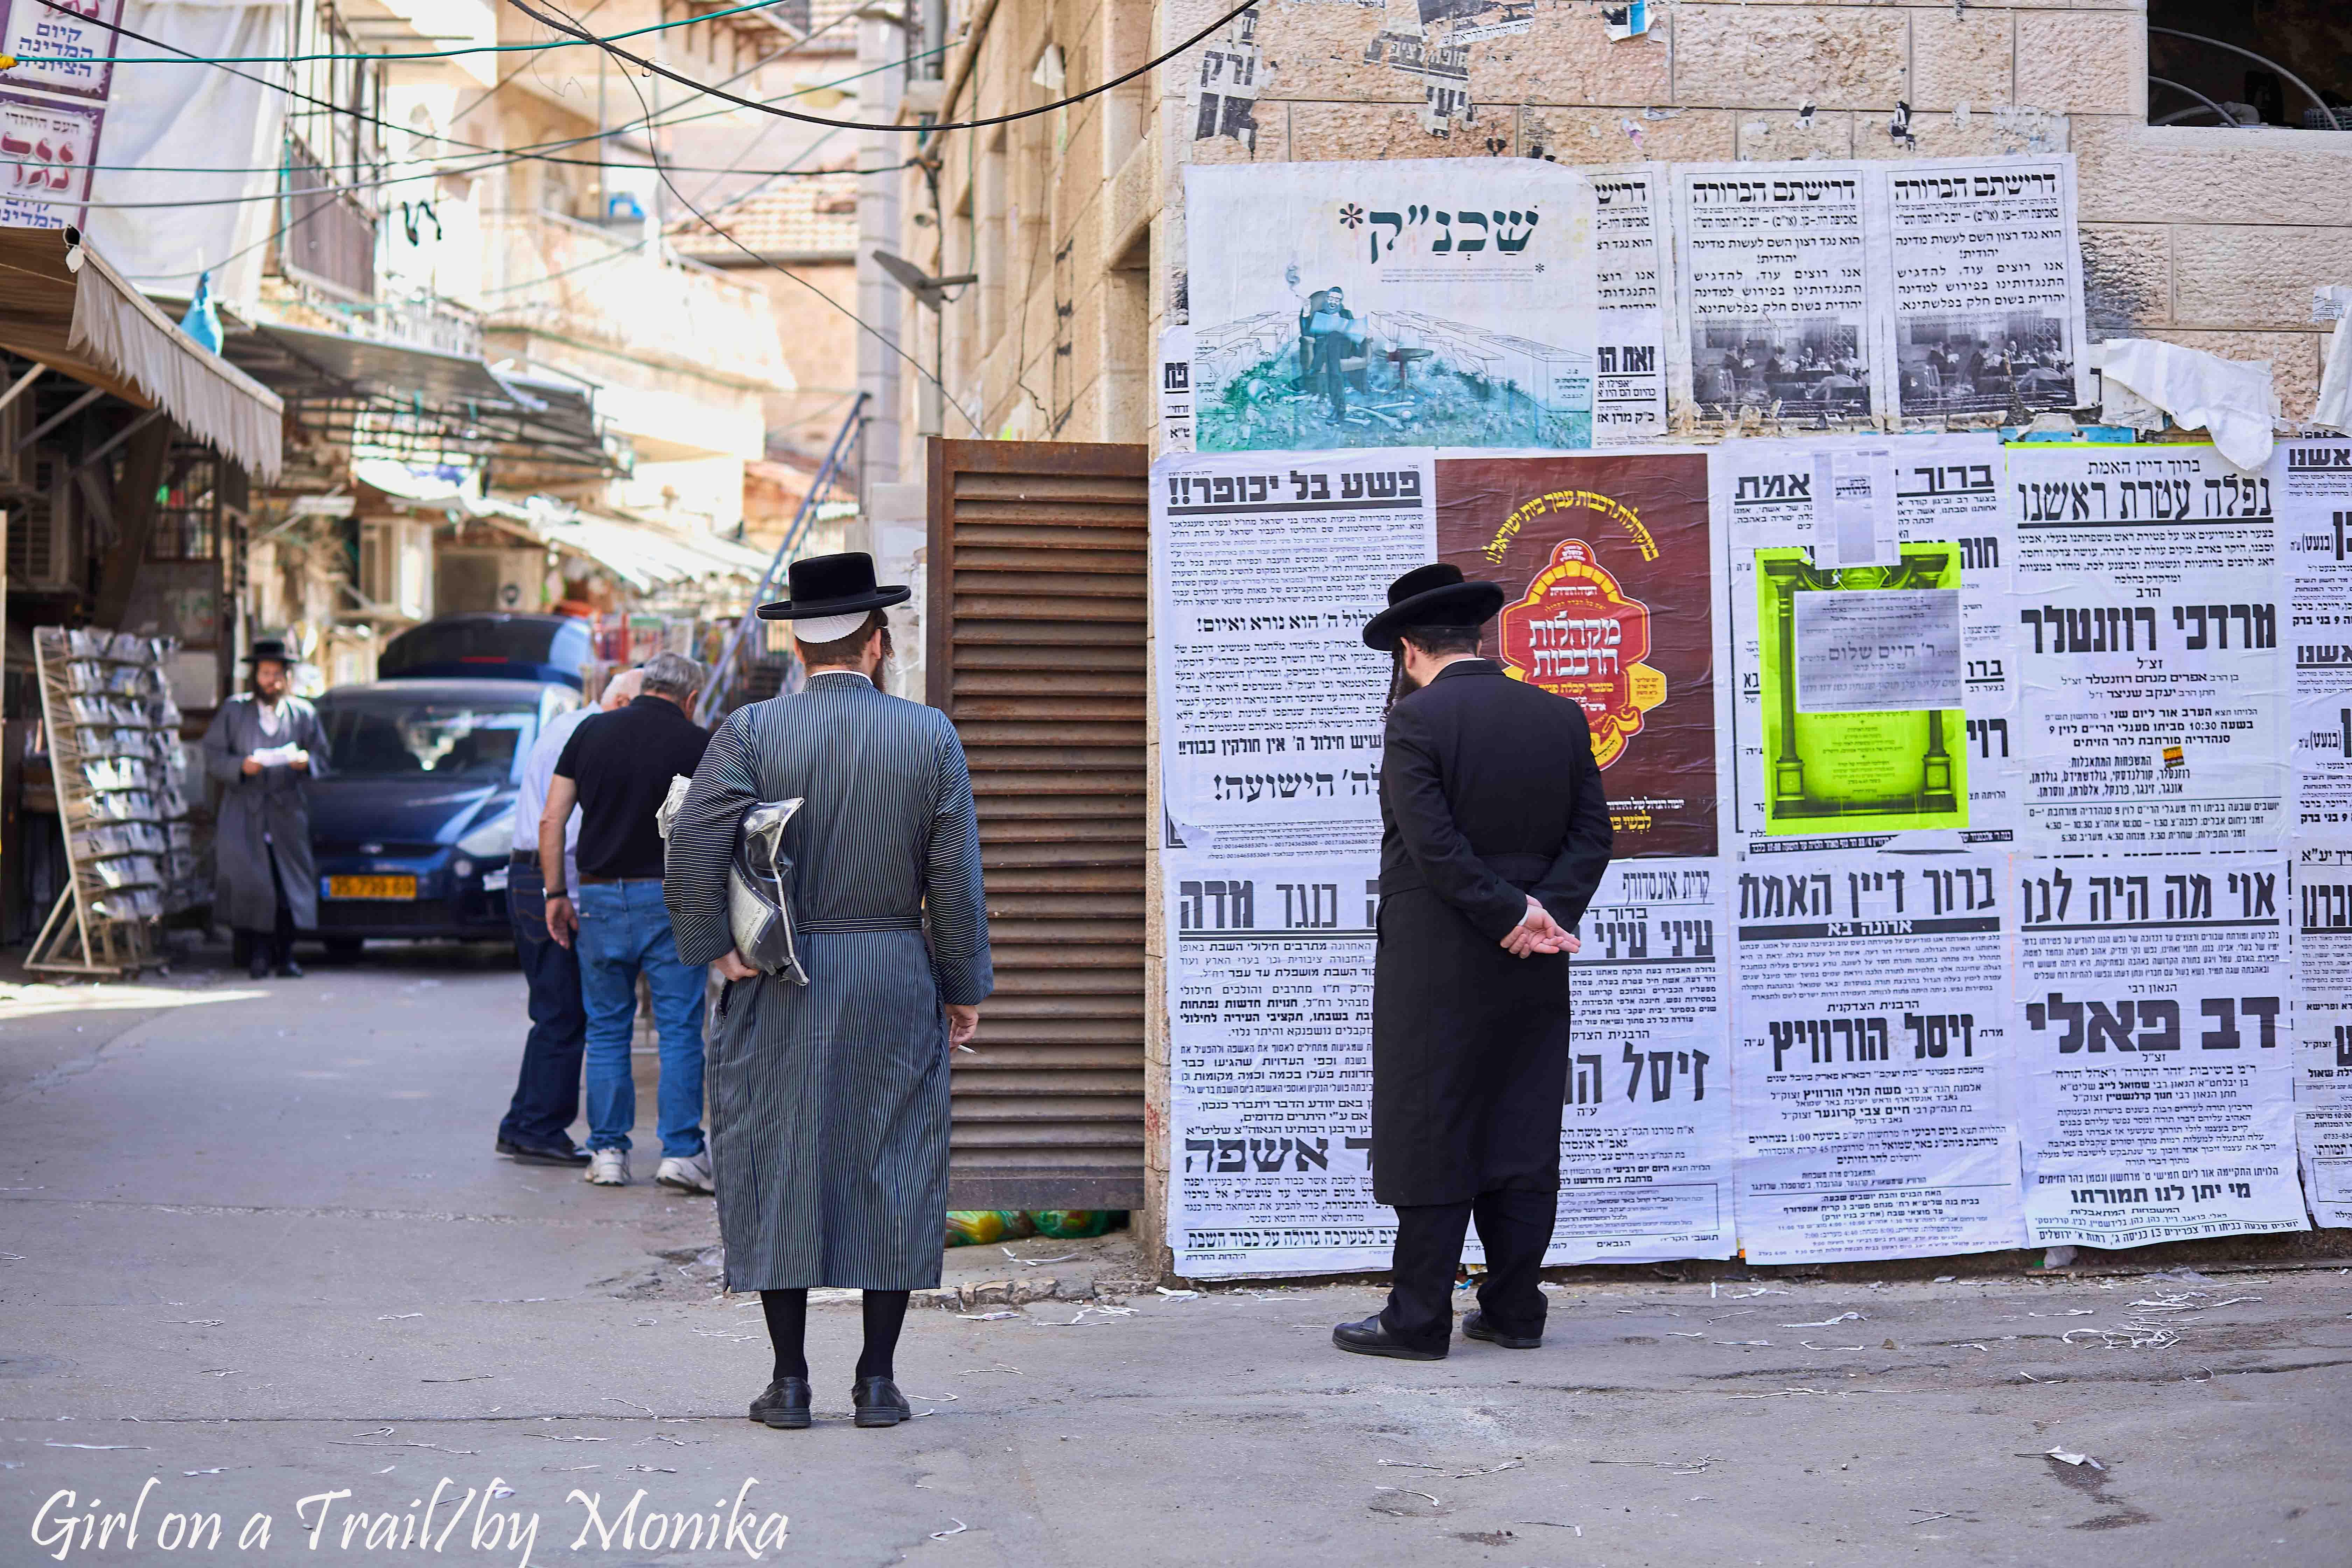 Izrael - Mea Shearim